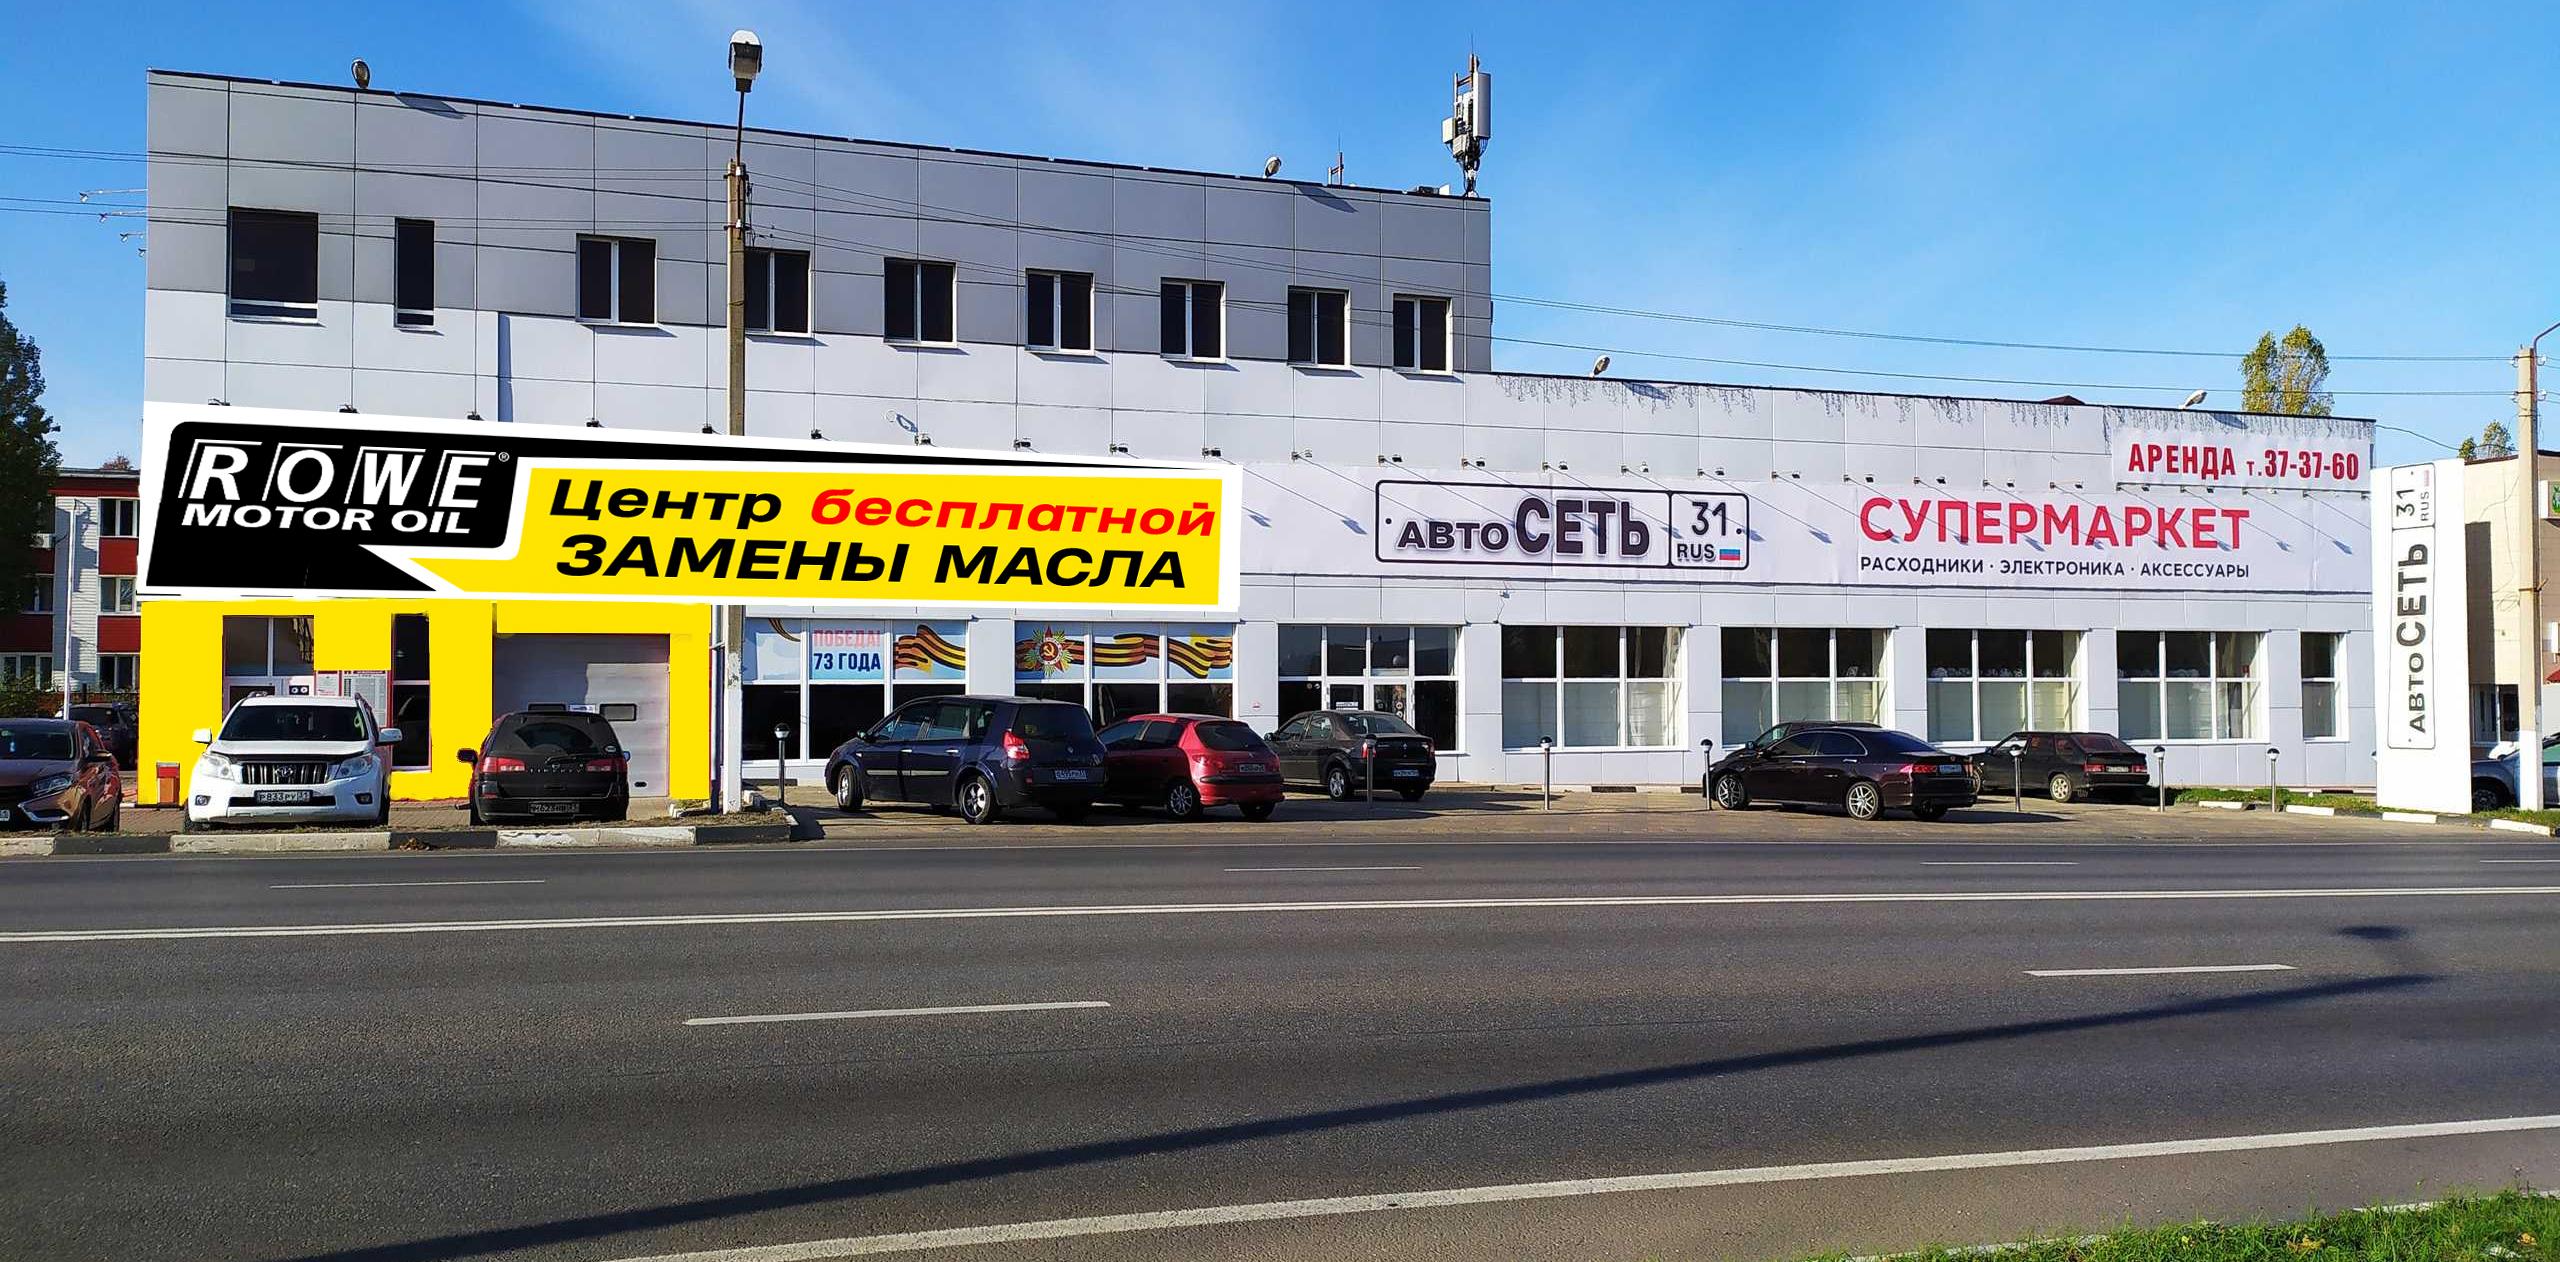 Оформление фасада автосервиса фото f_3785e43313060d13.jpg